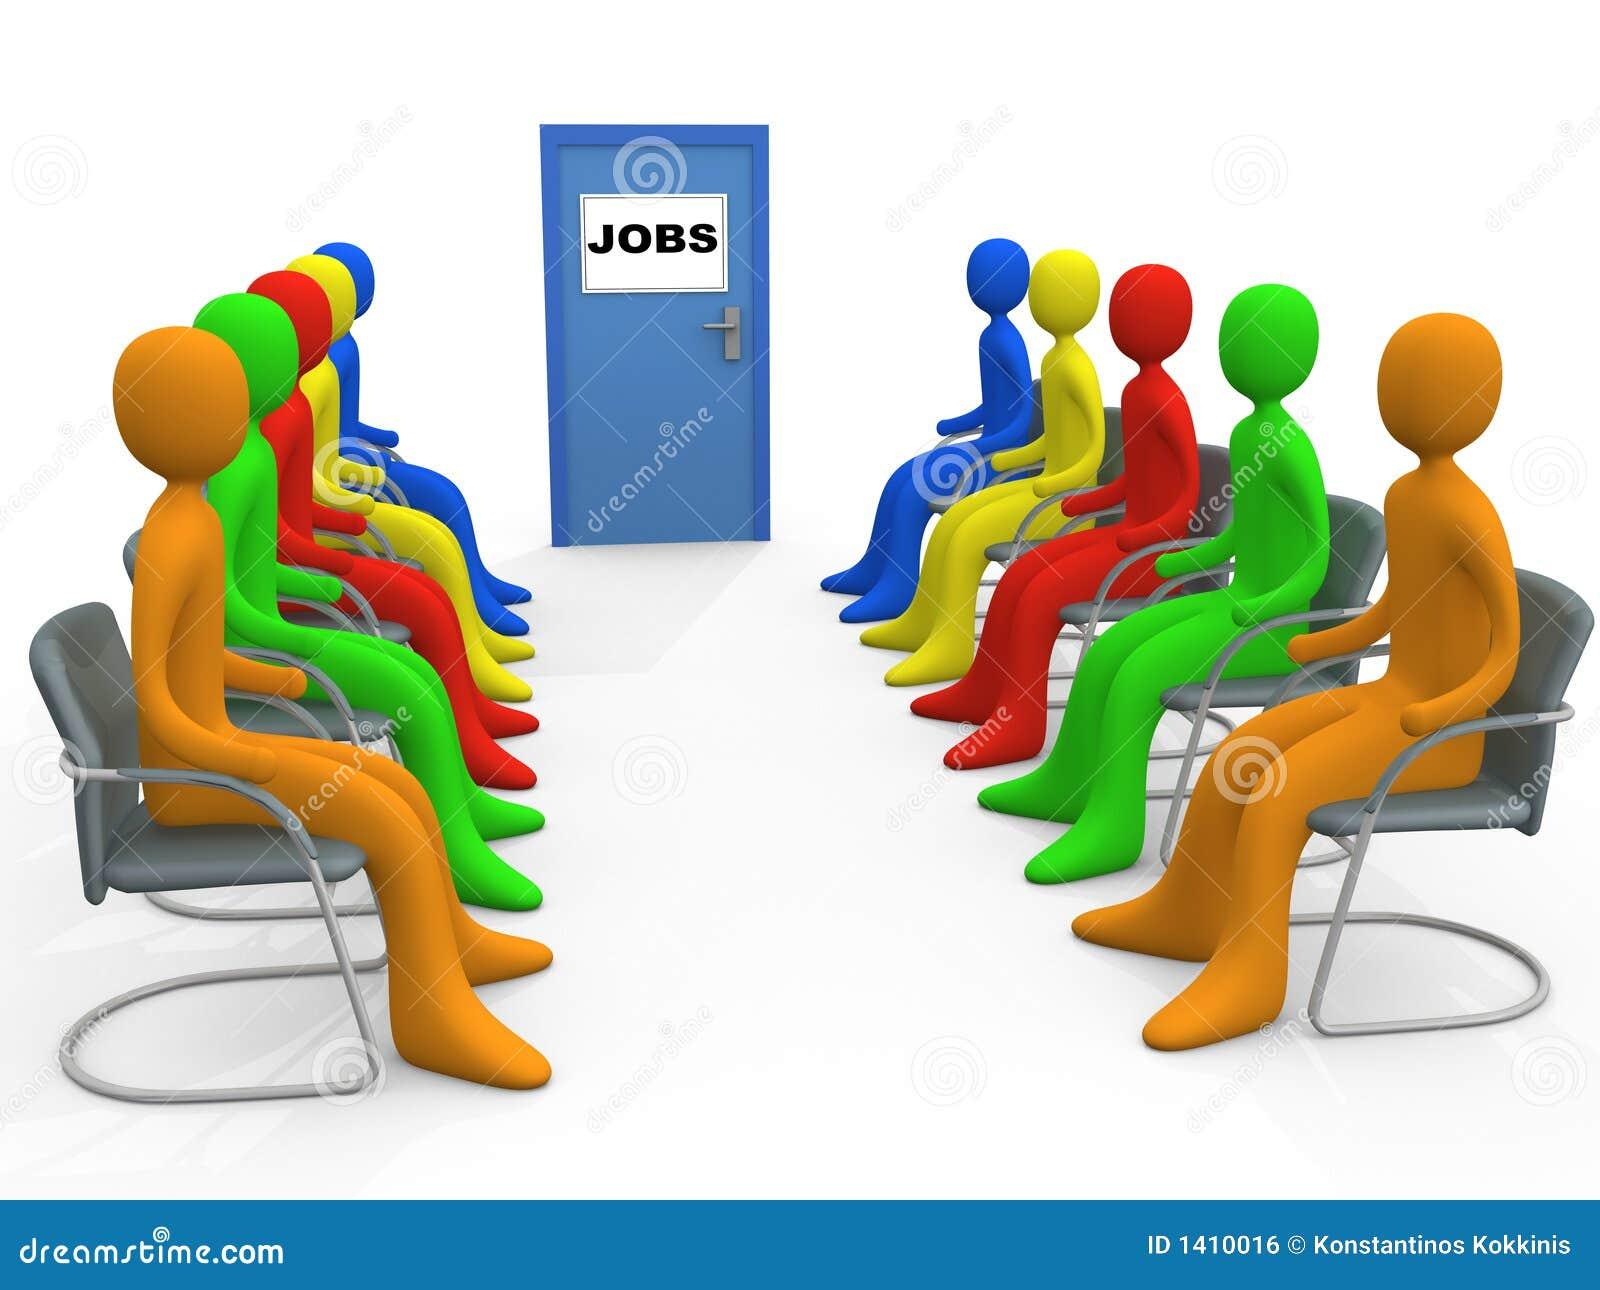 Commercio - applicazione di job